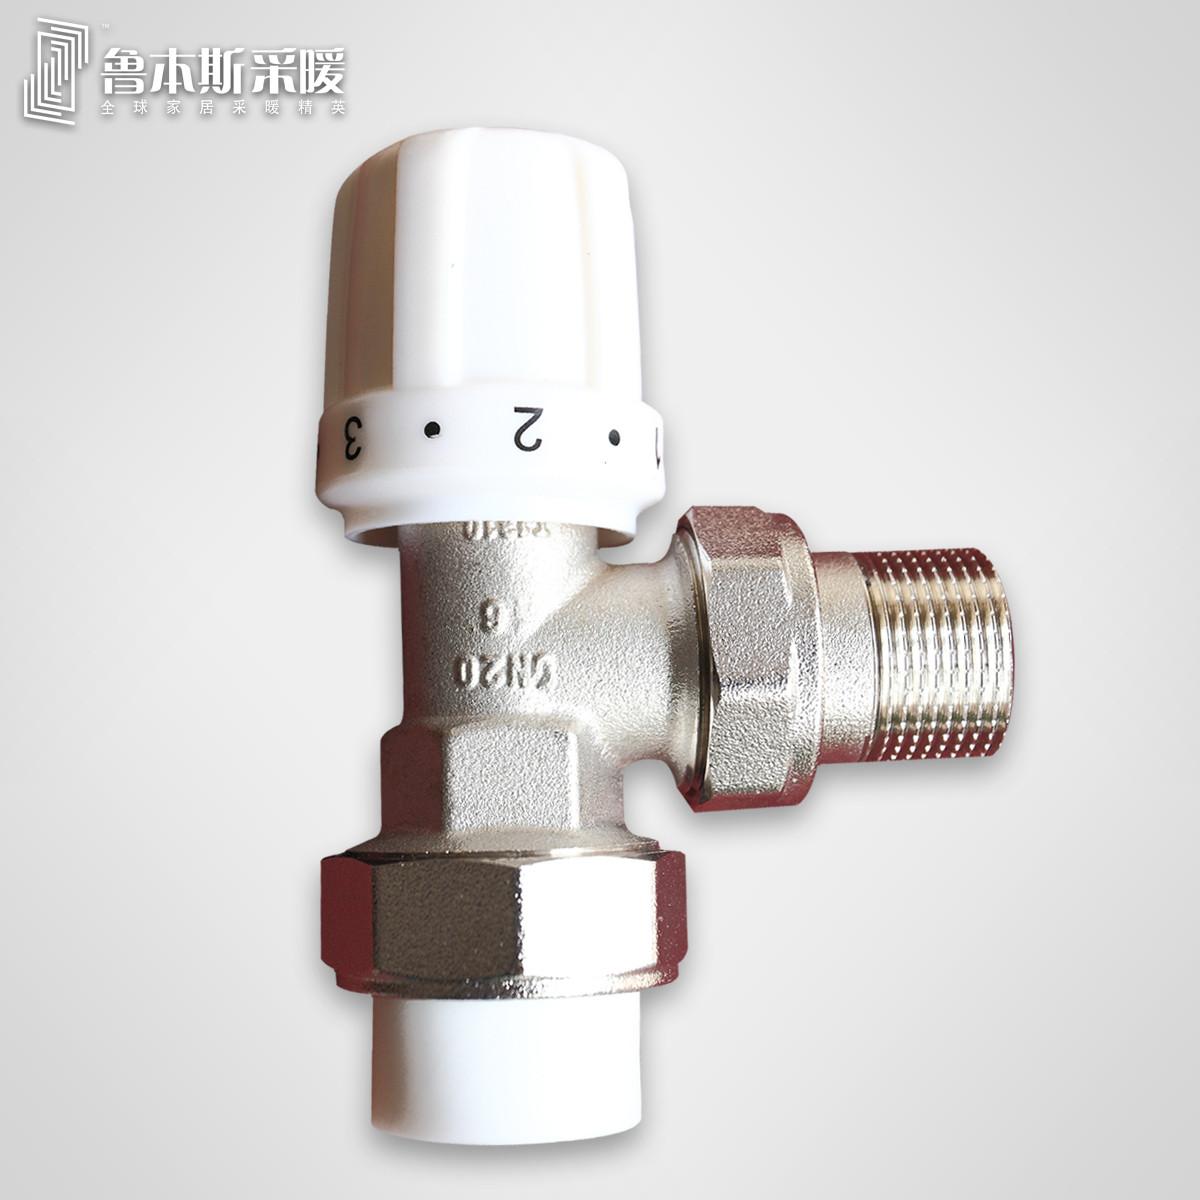 魯本斯 銅普通掛墻式集中供熱 PPR專用溫控閥角閥6分暖氣片散熱器